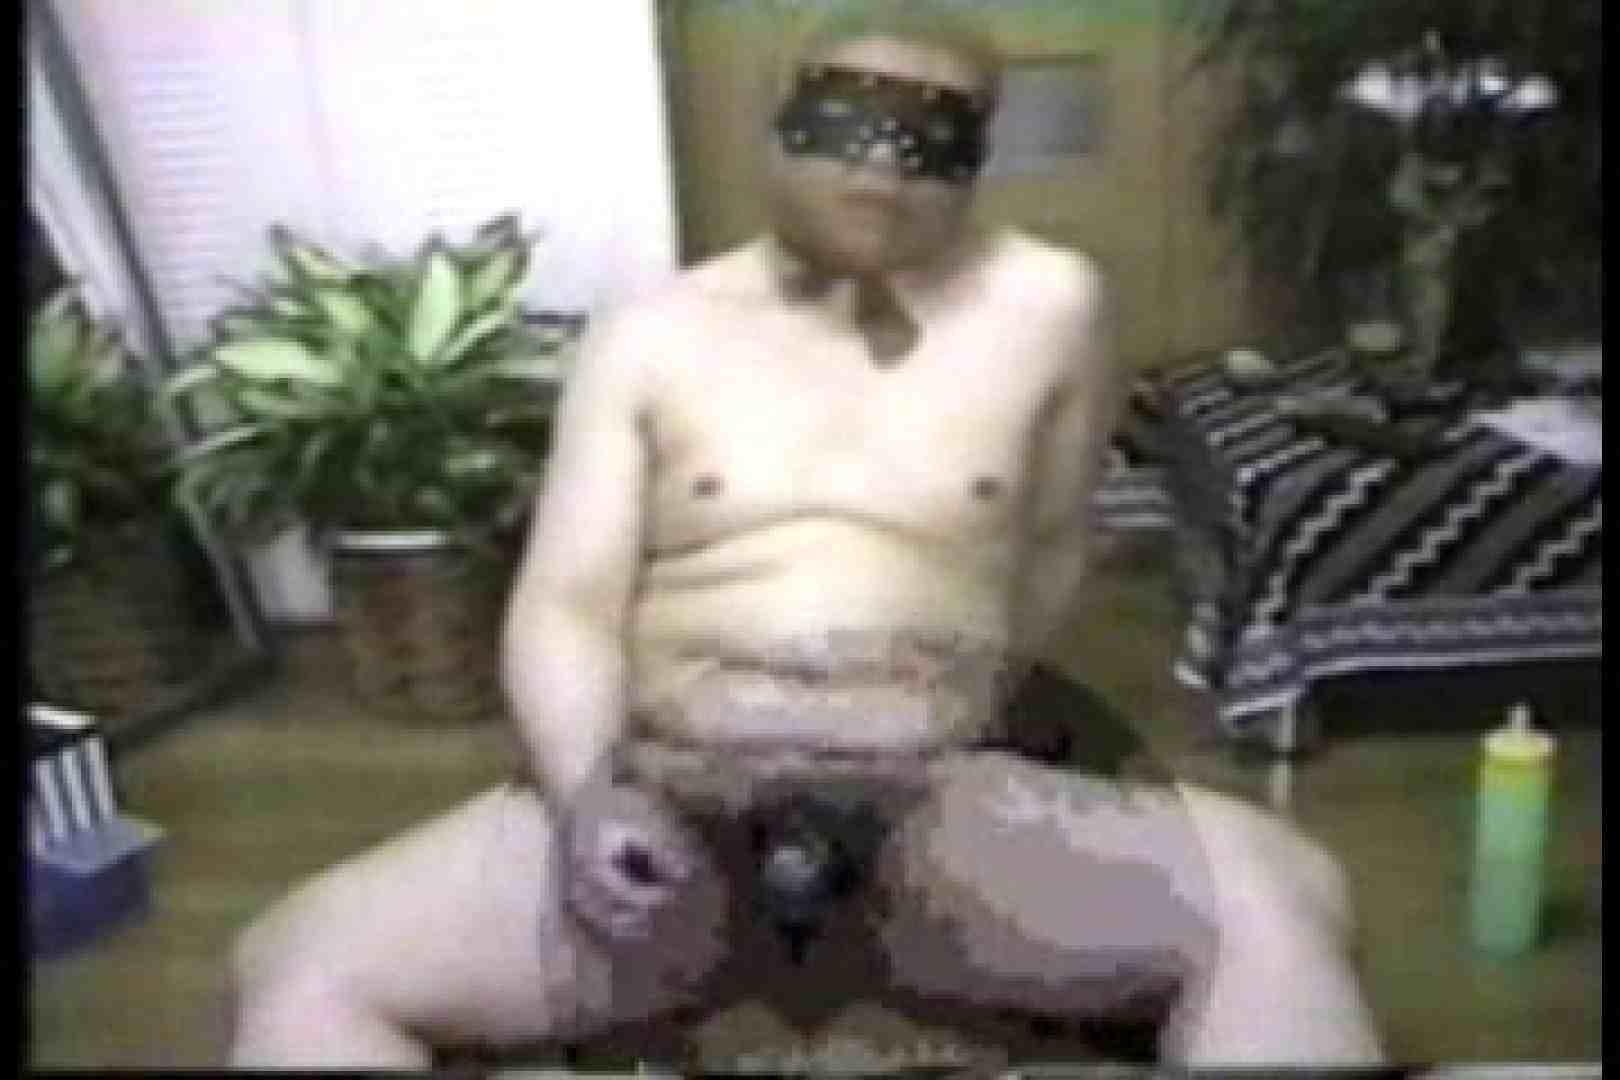 太った男じゃダメですか?10 ディルド ゲイエロビデオ画像 99枚 11